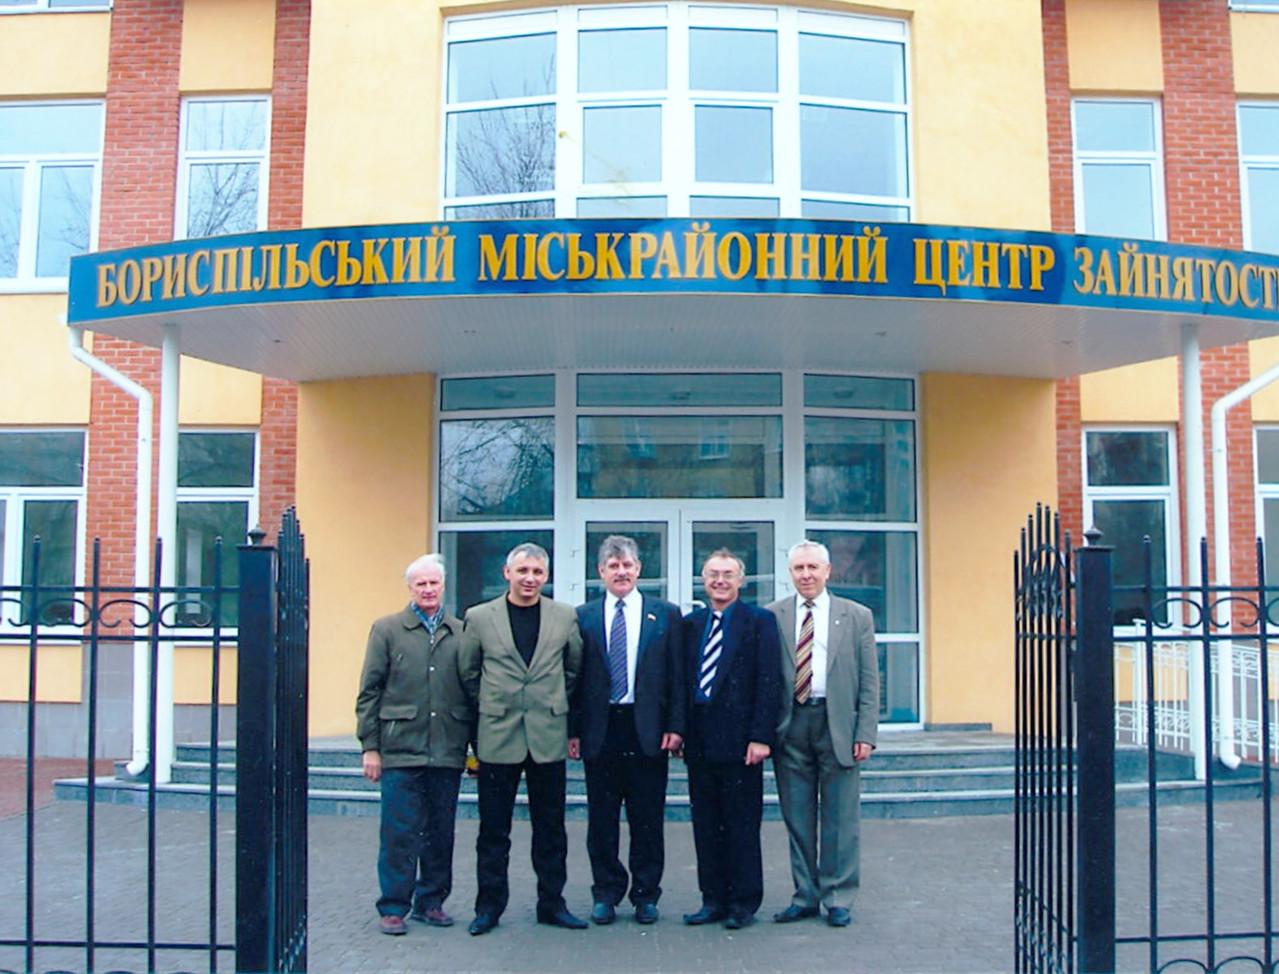 Бориспільський міськрайонний центр зайнятості (нове будівництво)